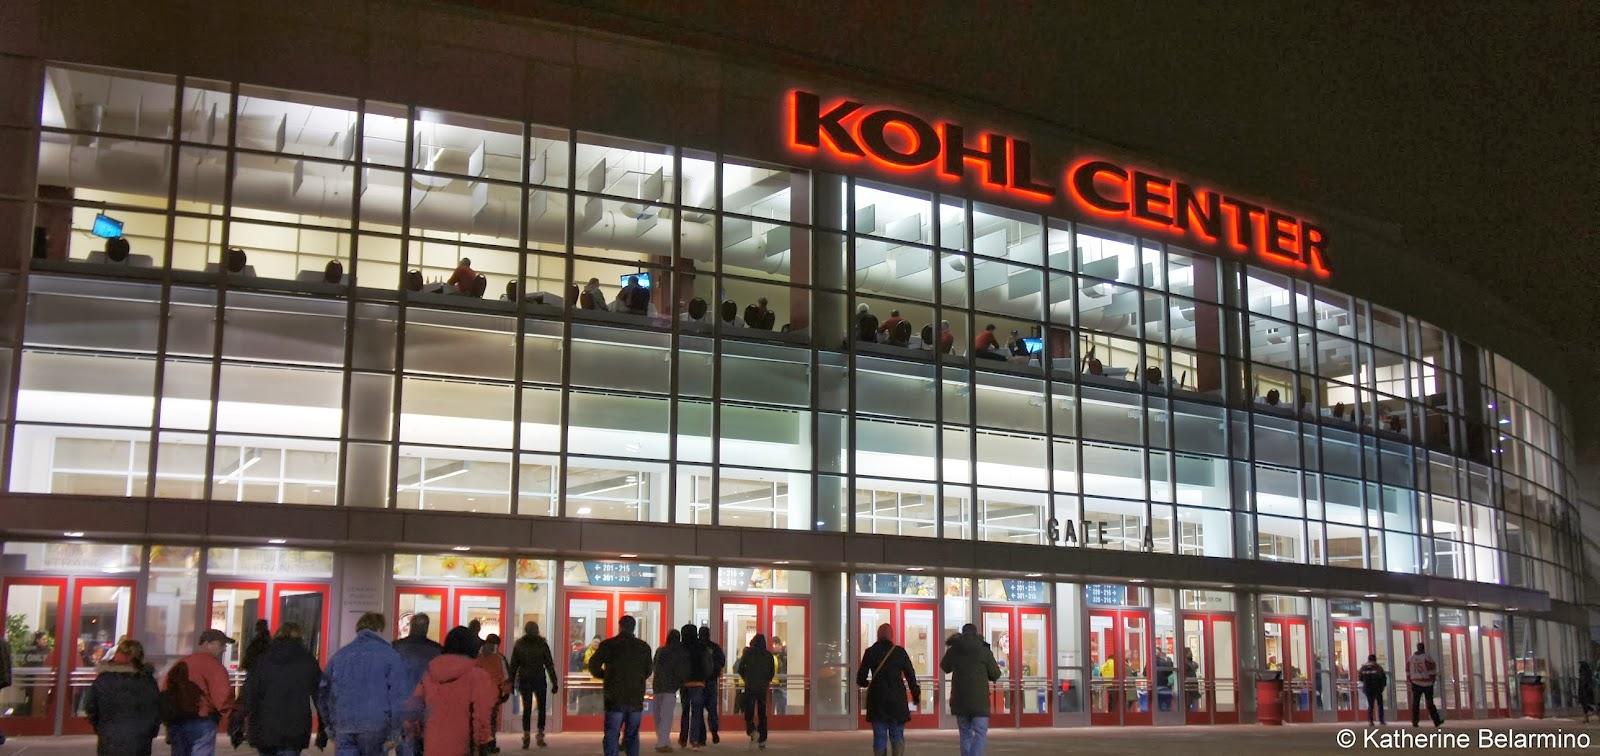 Kohl Center University of Wisconsin-Madison